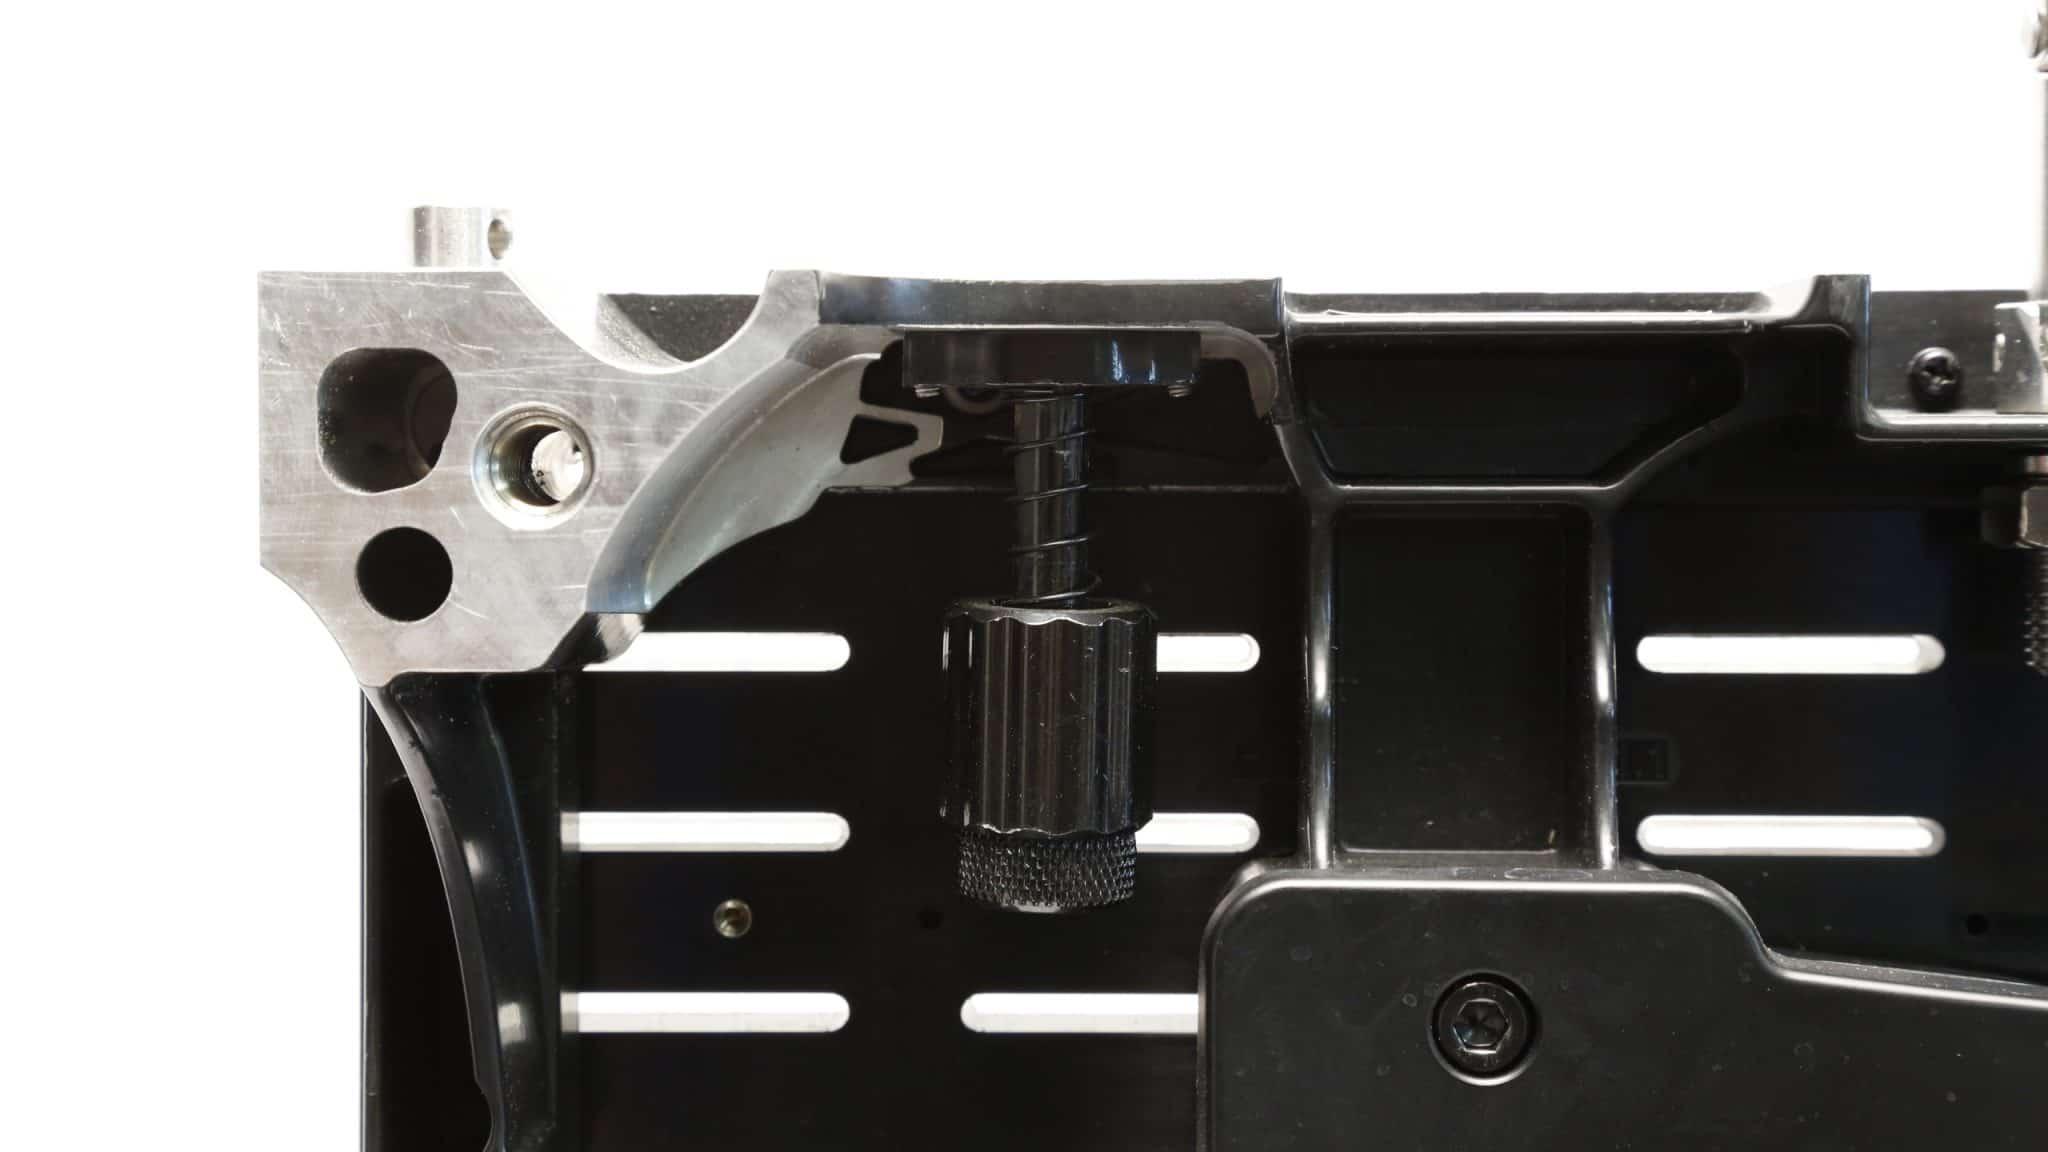 LEDitgo sB10ef Lock